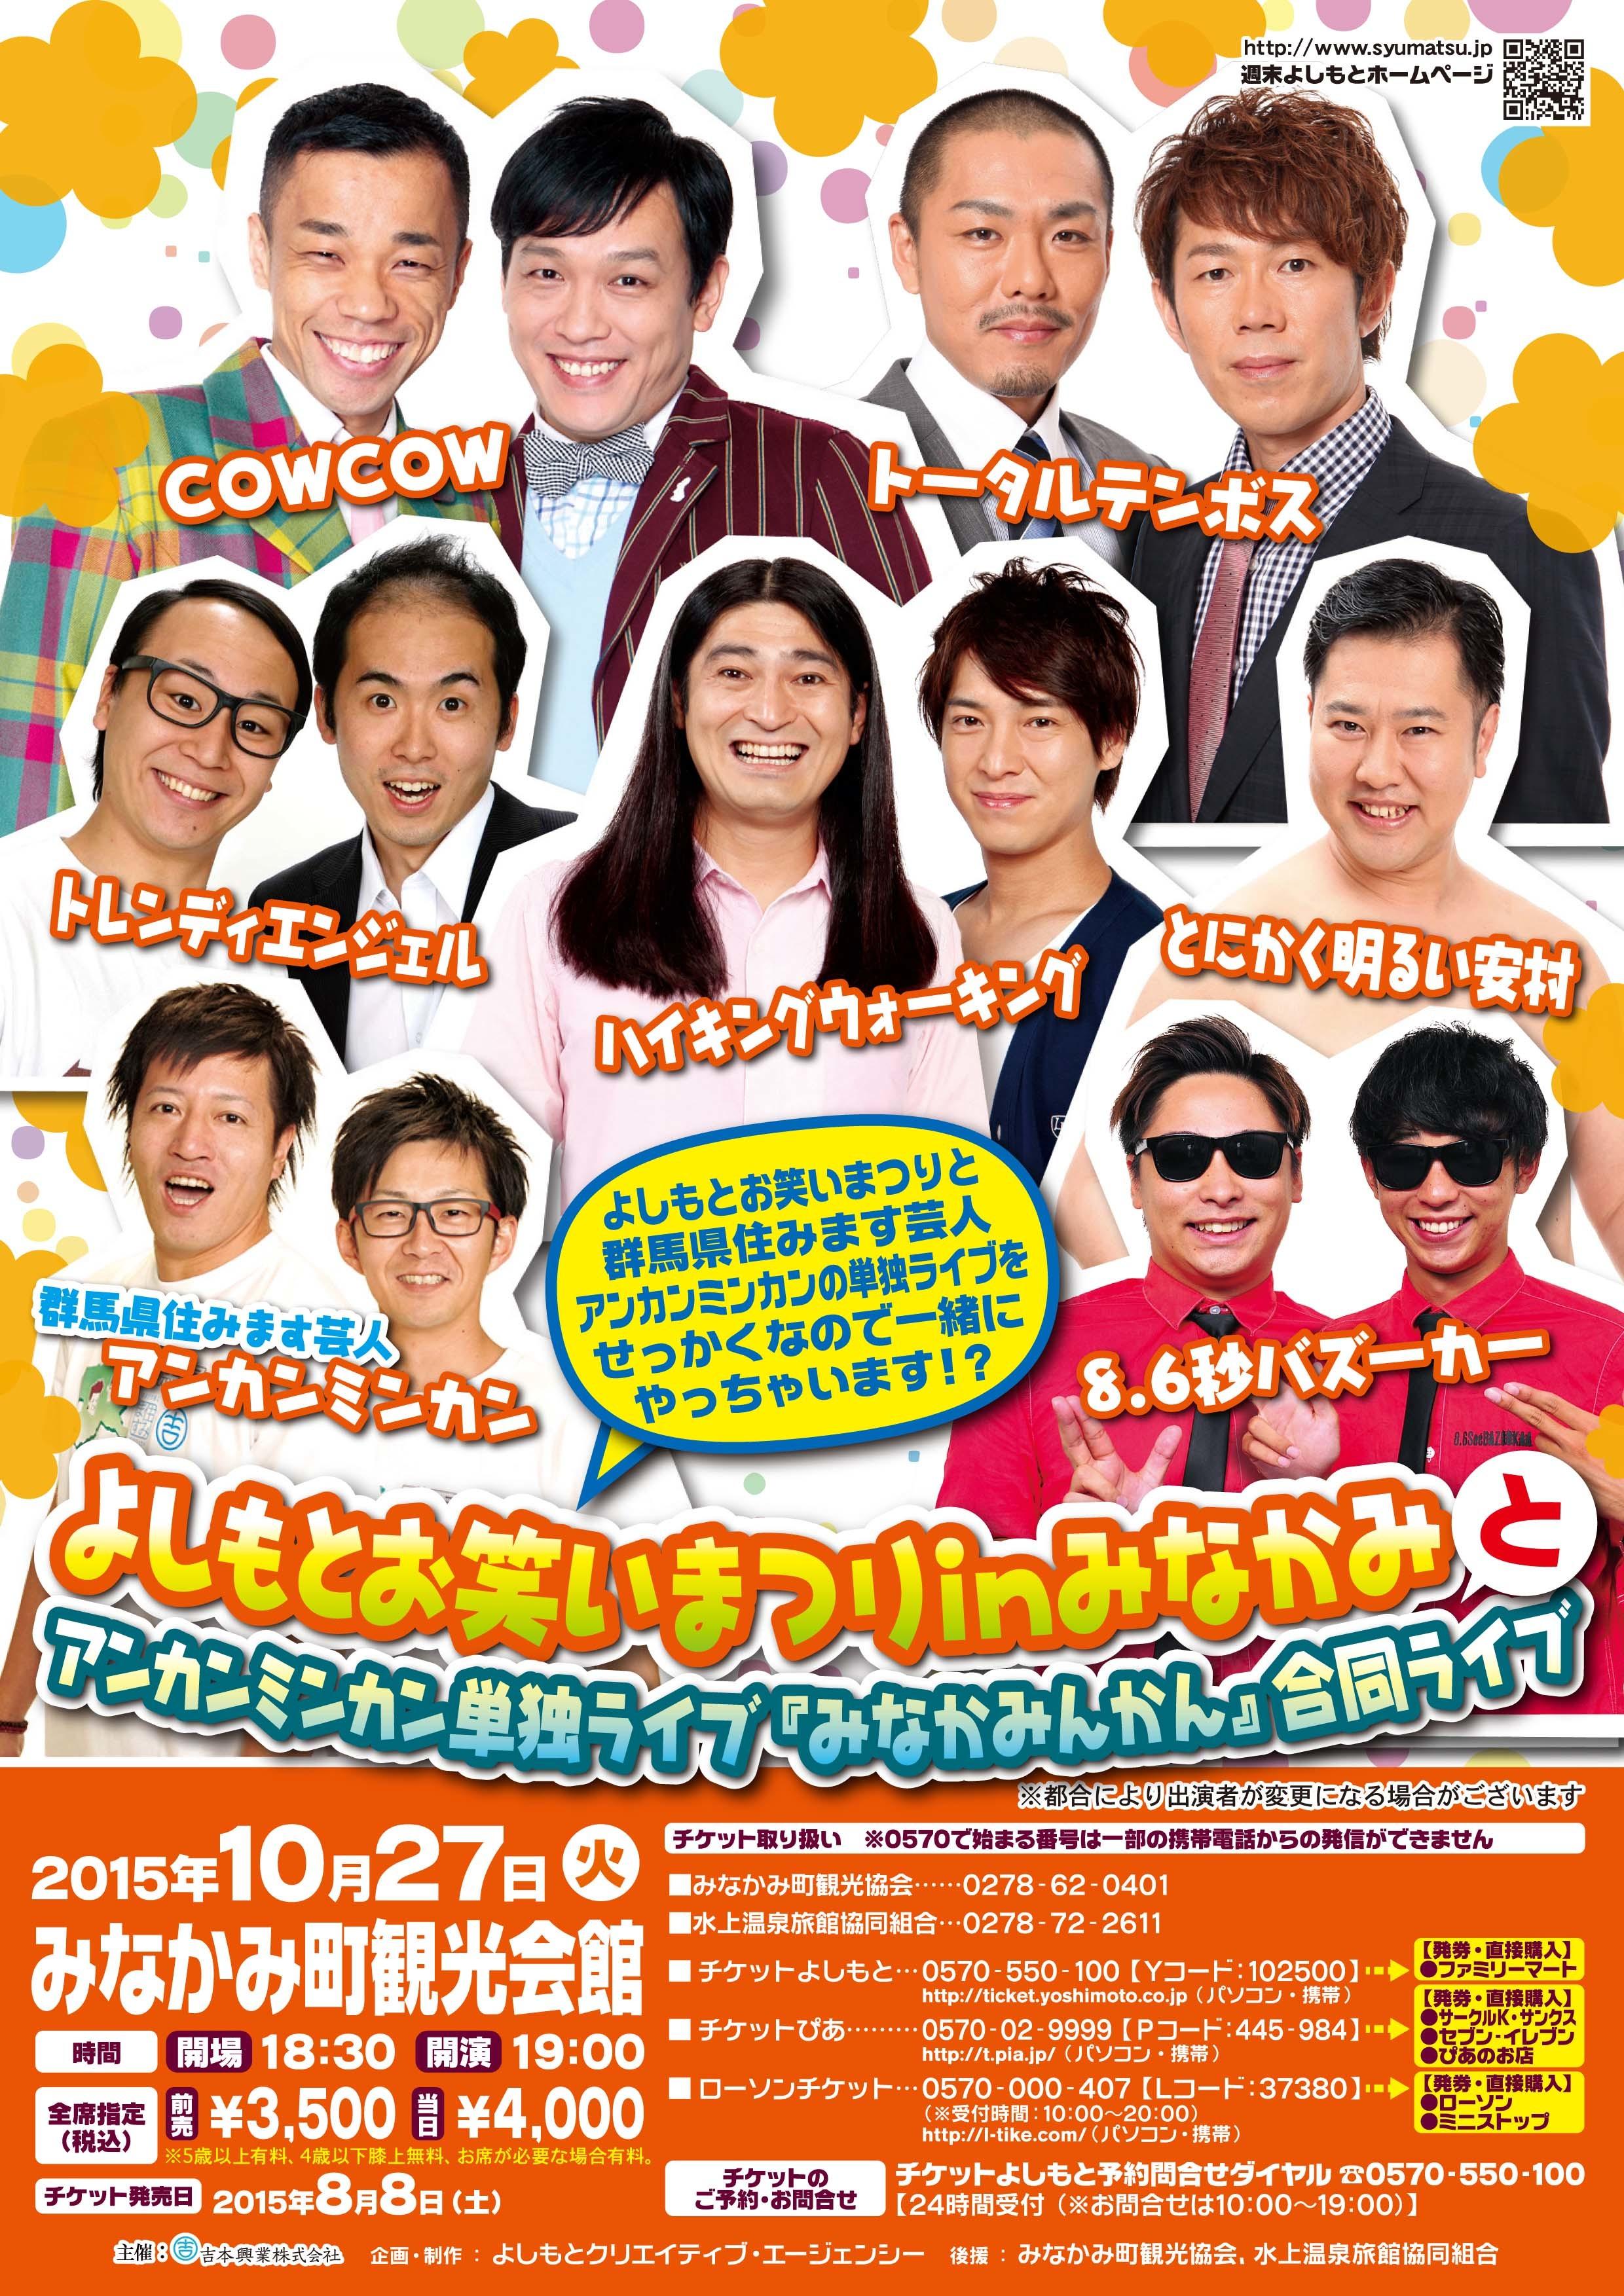 http://www.syumatsu.jp/photos/uncategorized/2015/07/23/20150723125620-4ed5efcbae8ec9c8da8ffcf9757a396fba2b8902.jpg